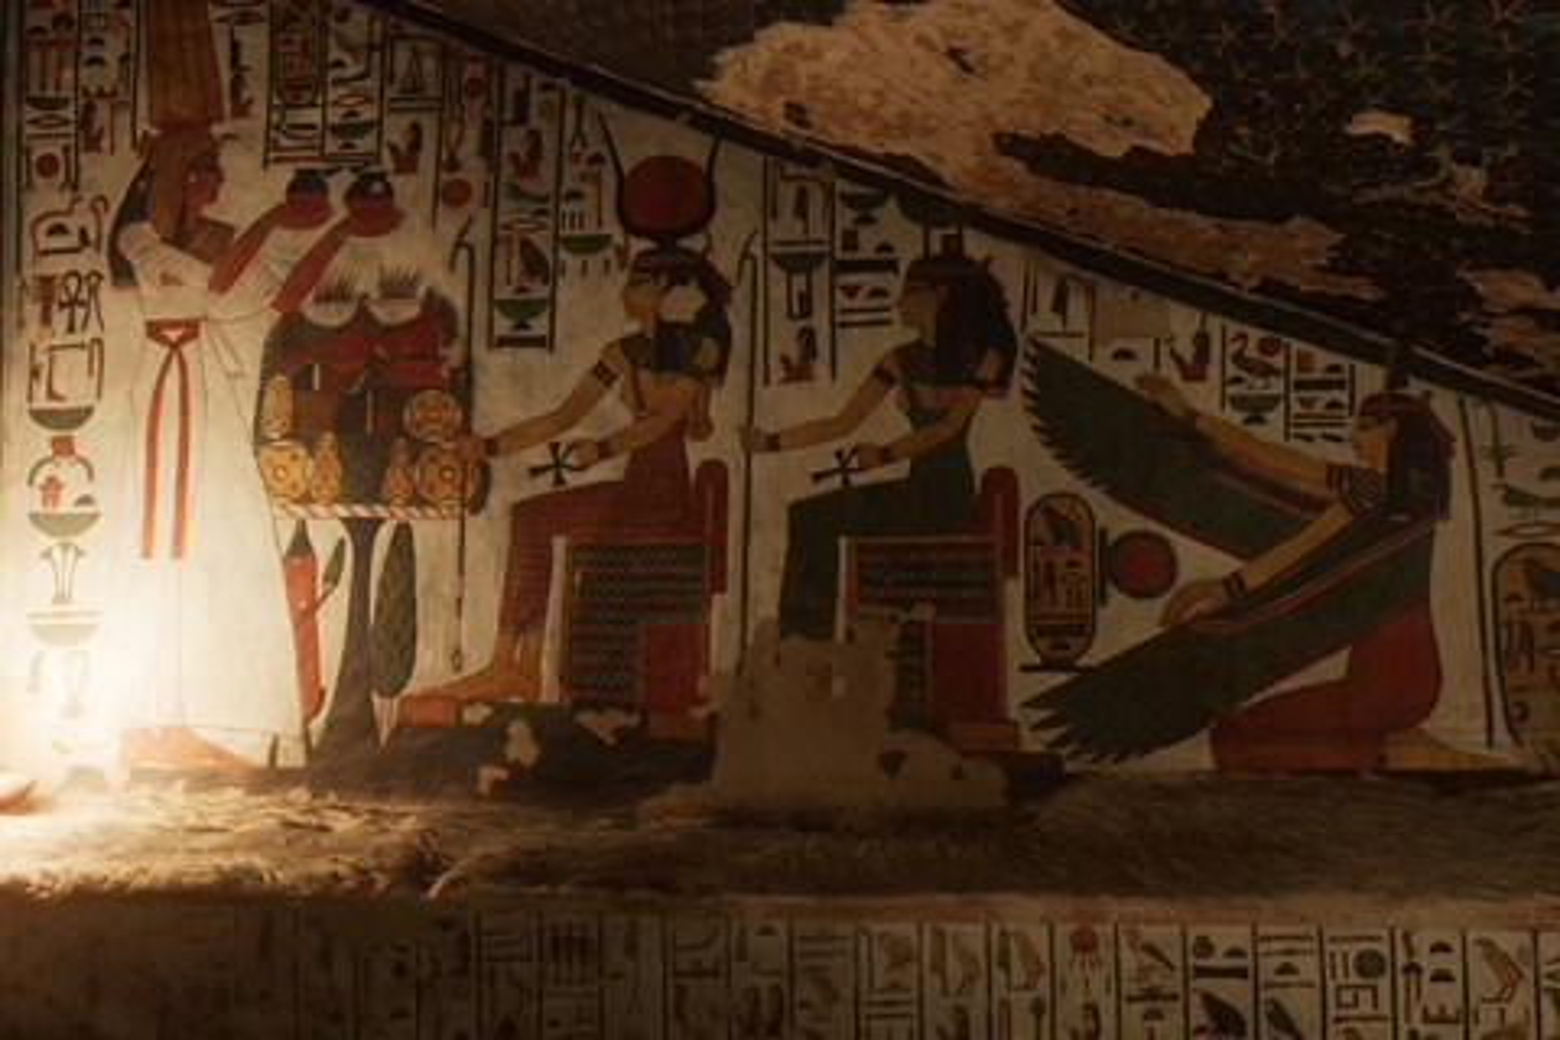 Imagem de Passeio virtual pela tumba de Nefertari está disponível de graça no Steam no tecmundo